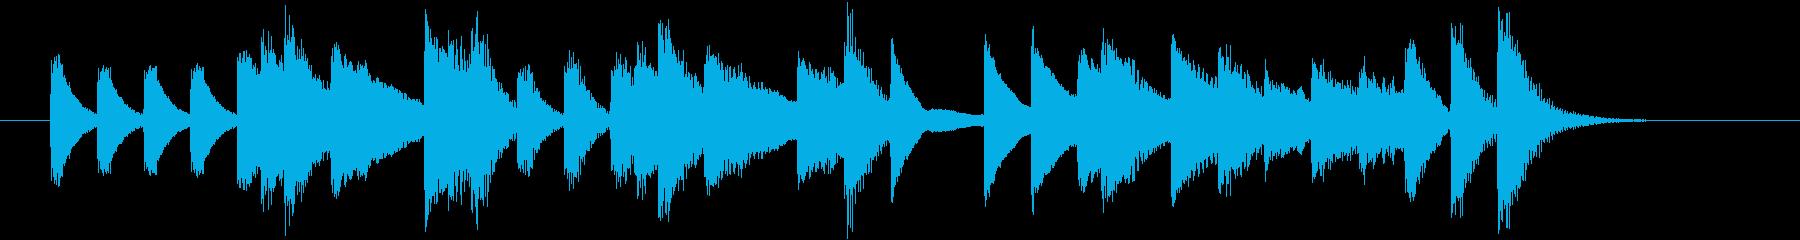 もろびとこぞりてモチーフピアノジングルDの再生済みの波形